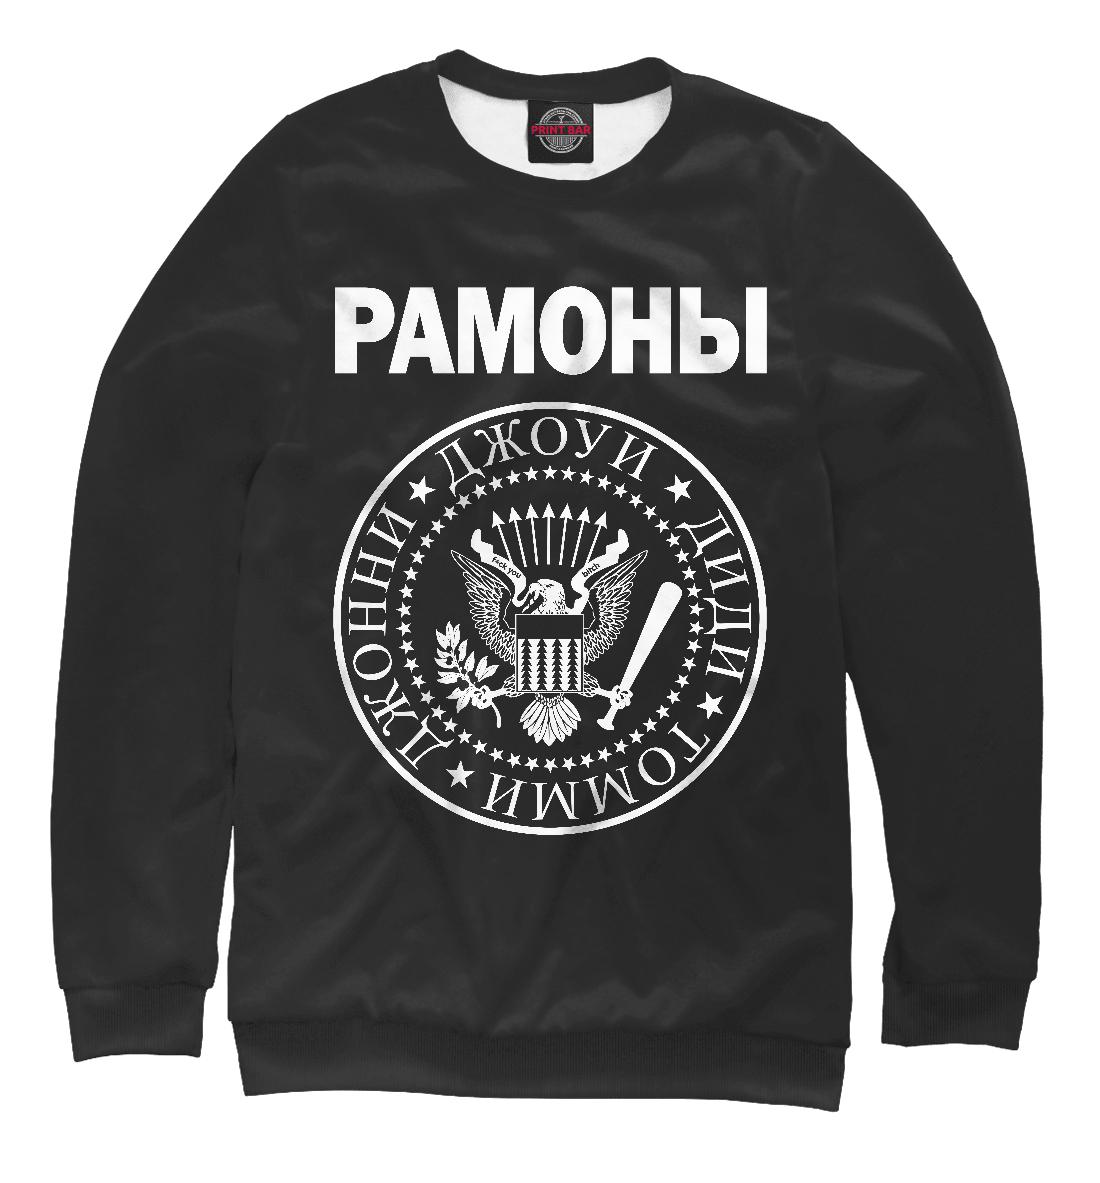 Купить Рамонес, Printbar, Свитшоты, RMN-625386-swi-1